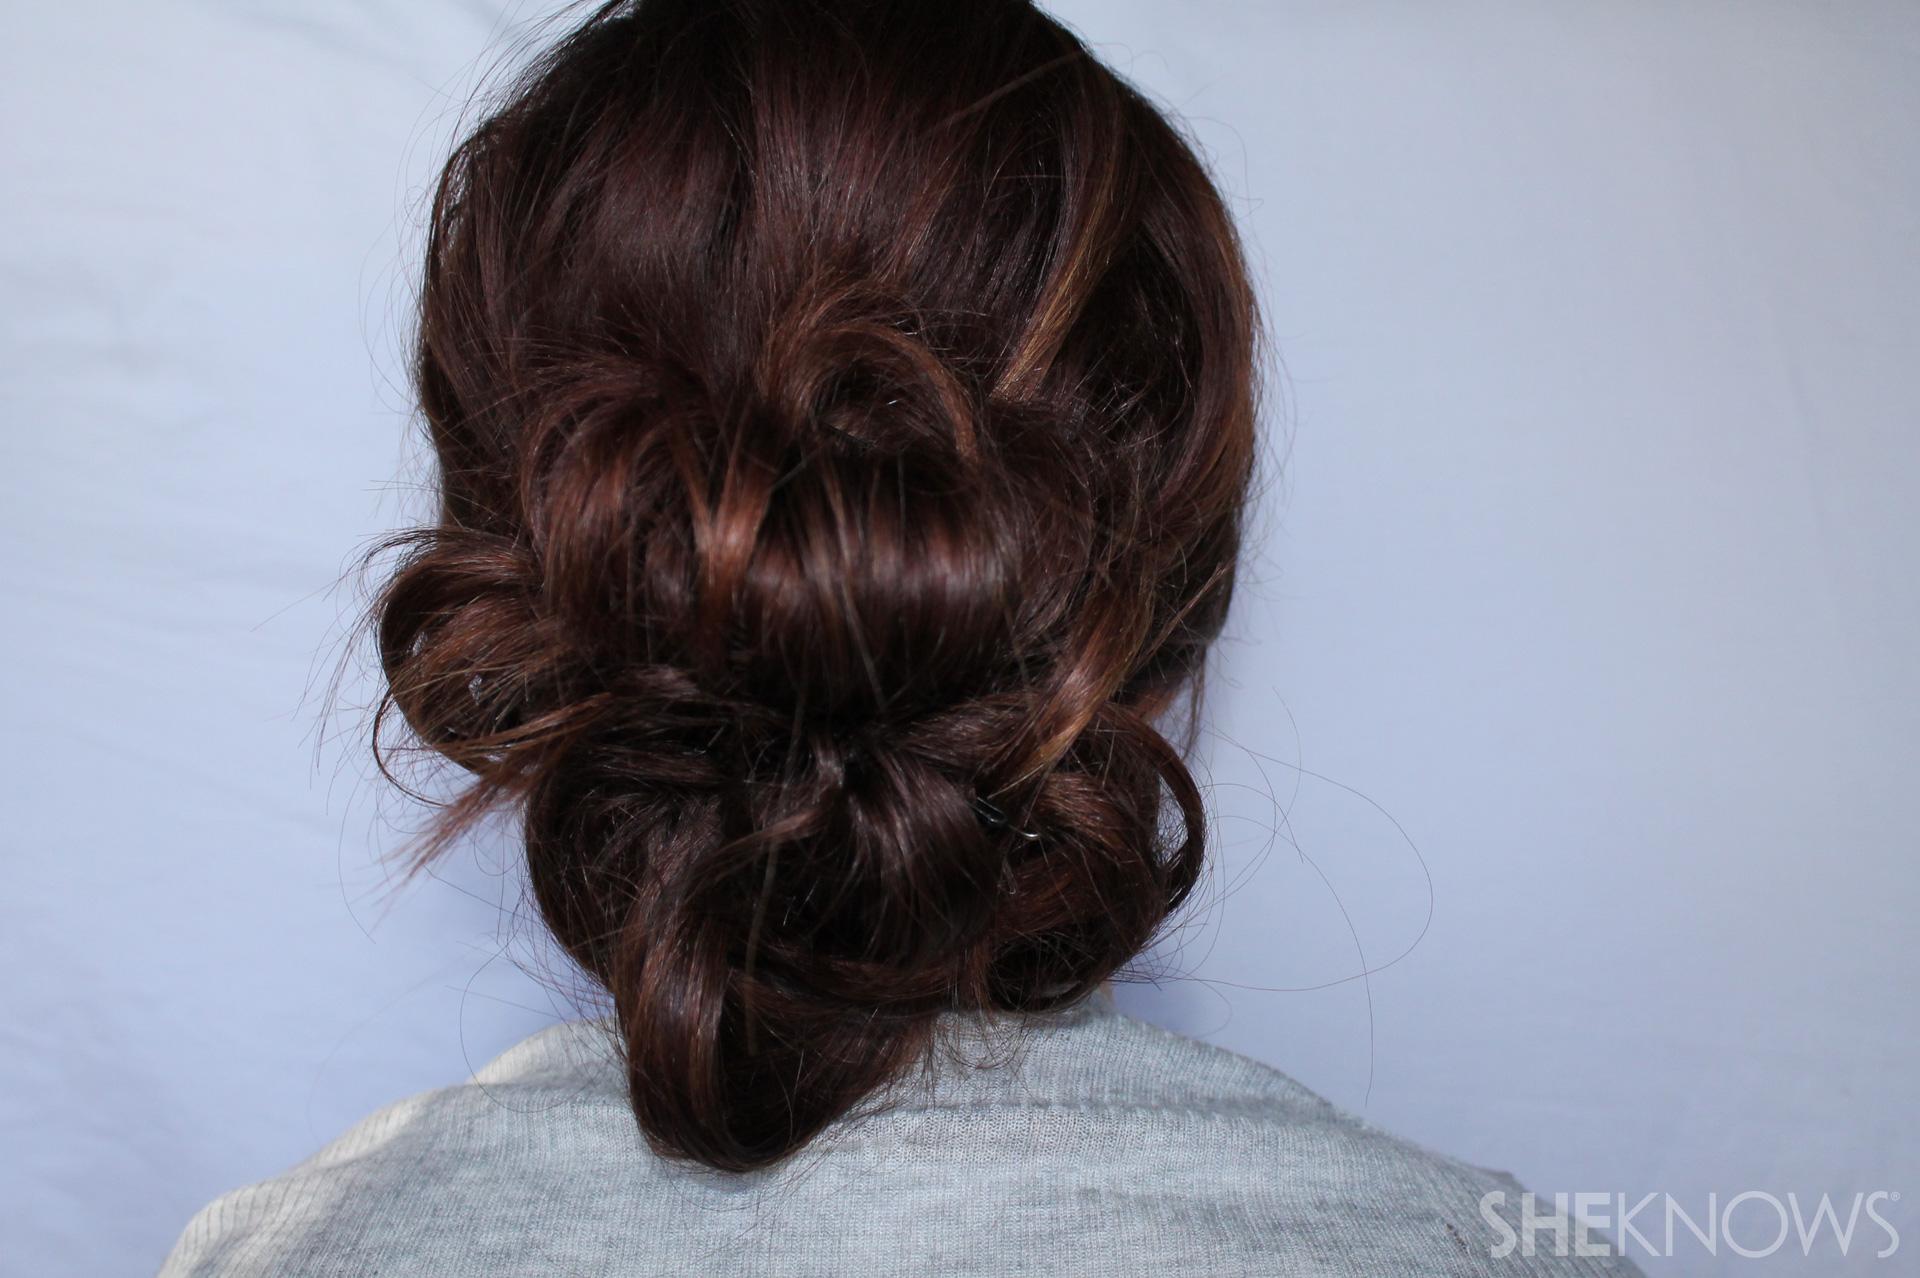 Thin hair tutorial | Sheknows.com - final hairstyle